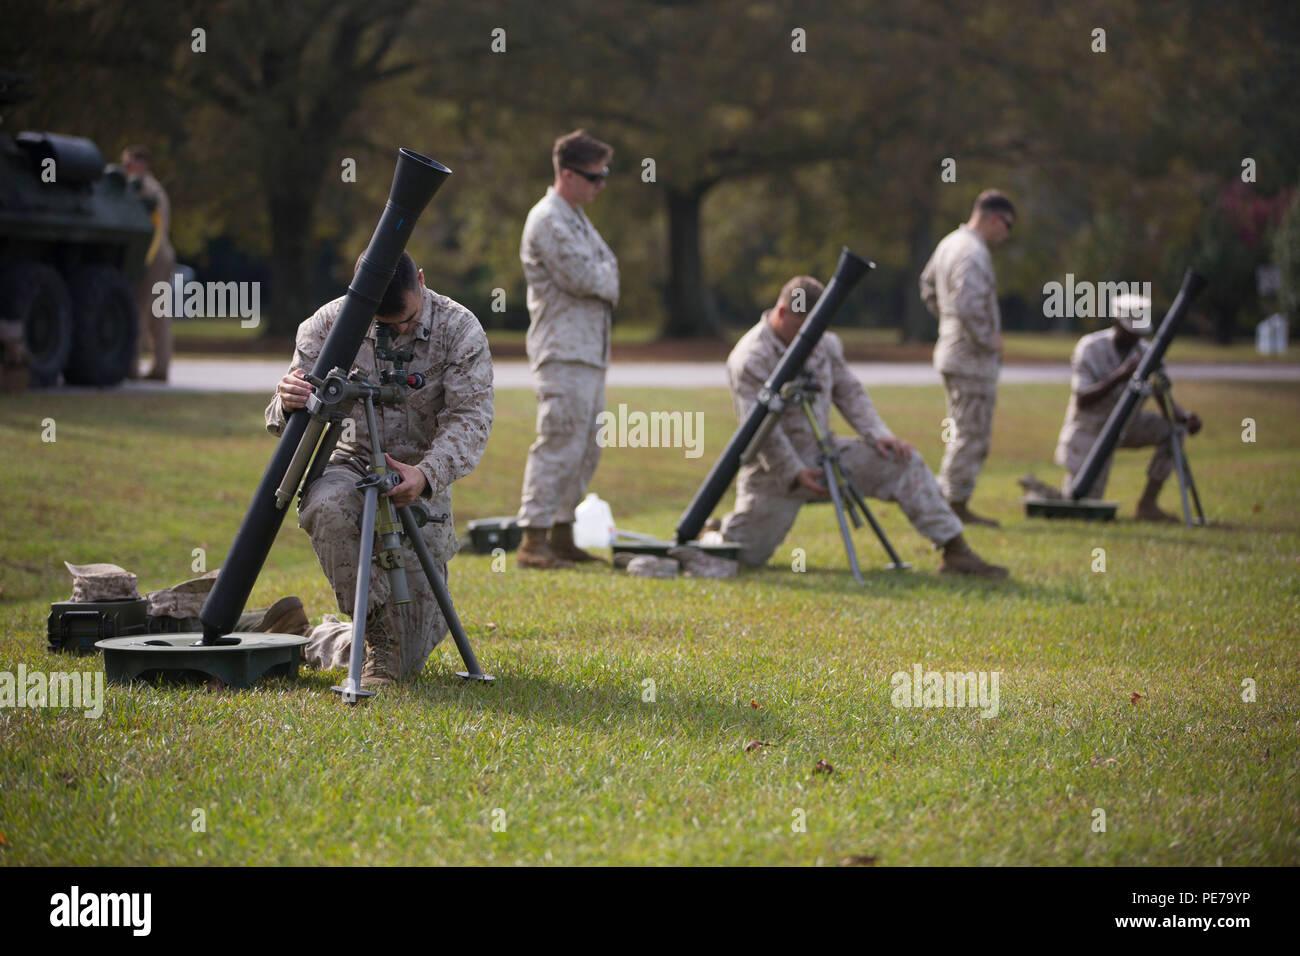 Mortar Familiarization Imágenes De Stock   Mortar Familiarization ... e88ba6fa6f4